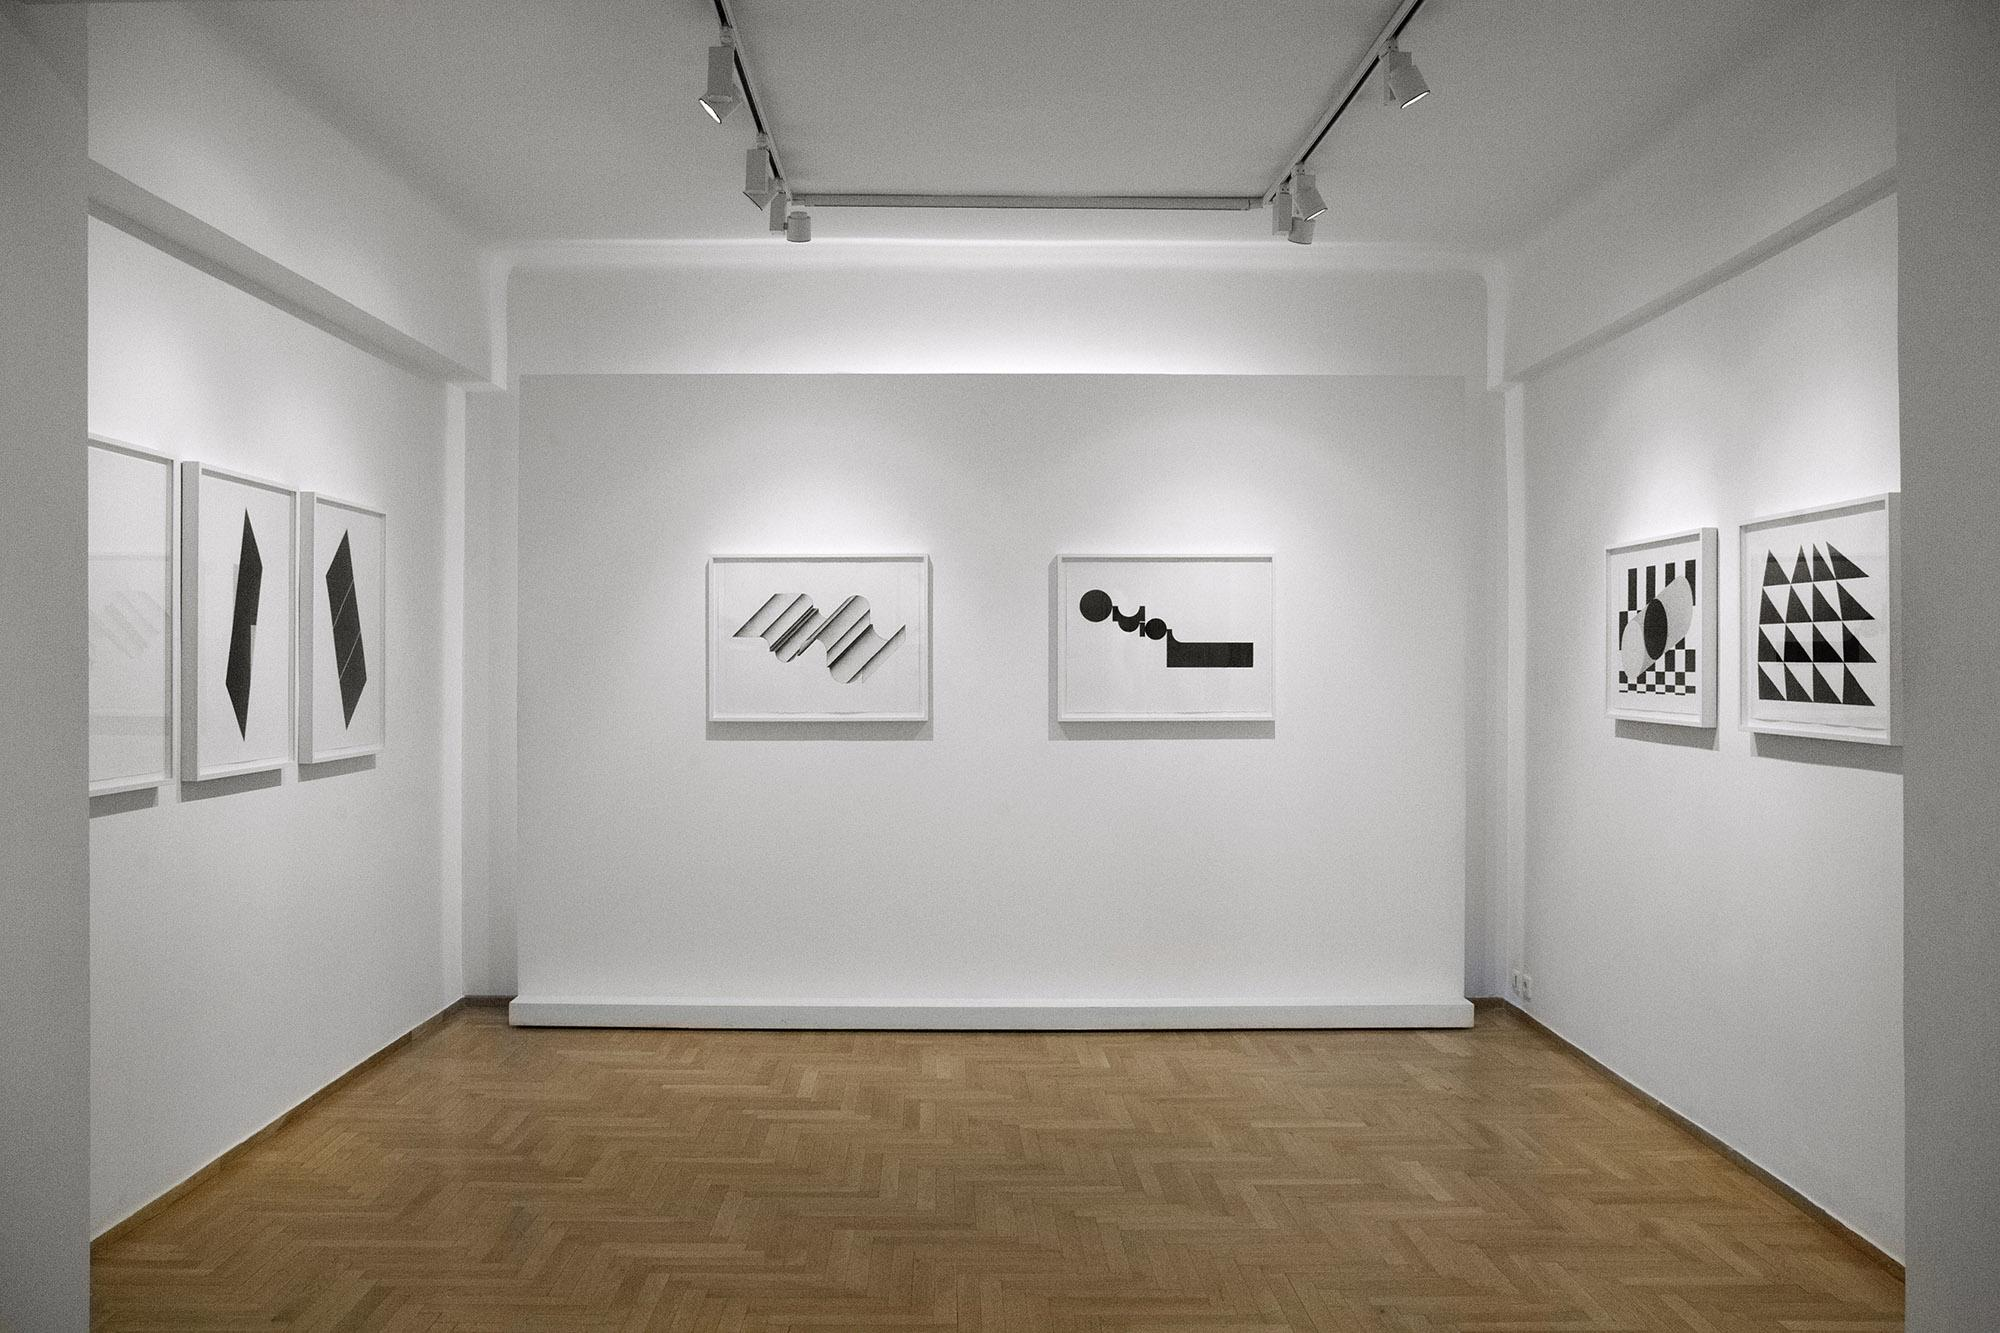 Ilias Koen / Solo show - Image 2